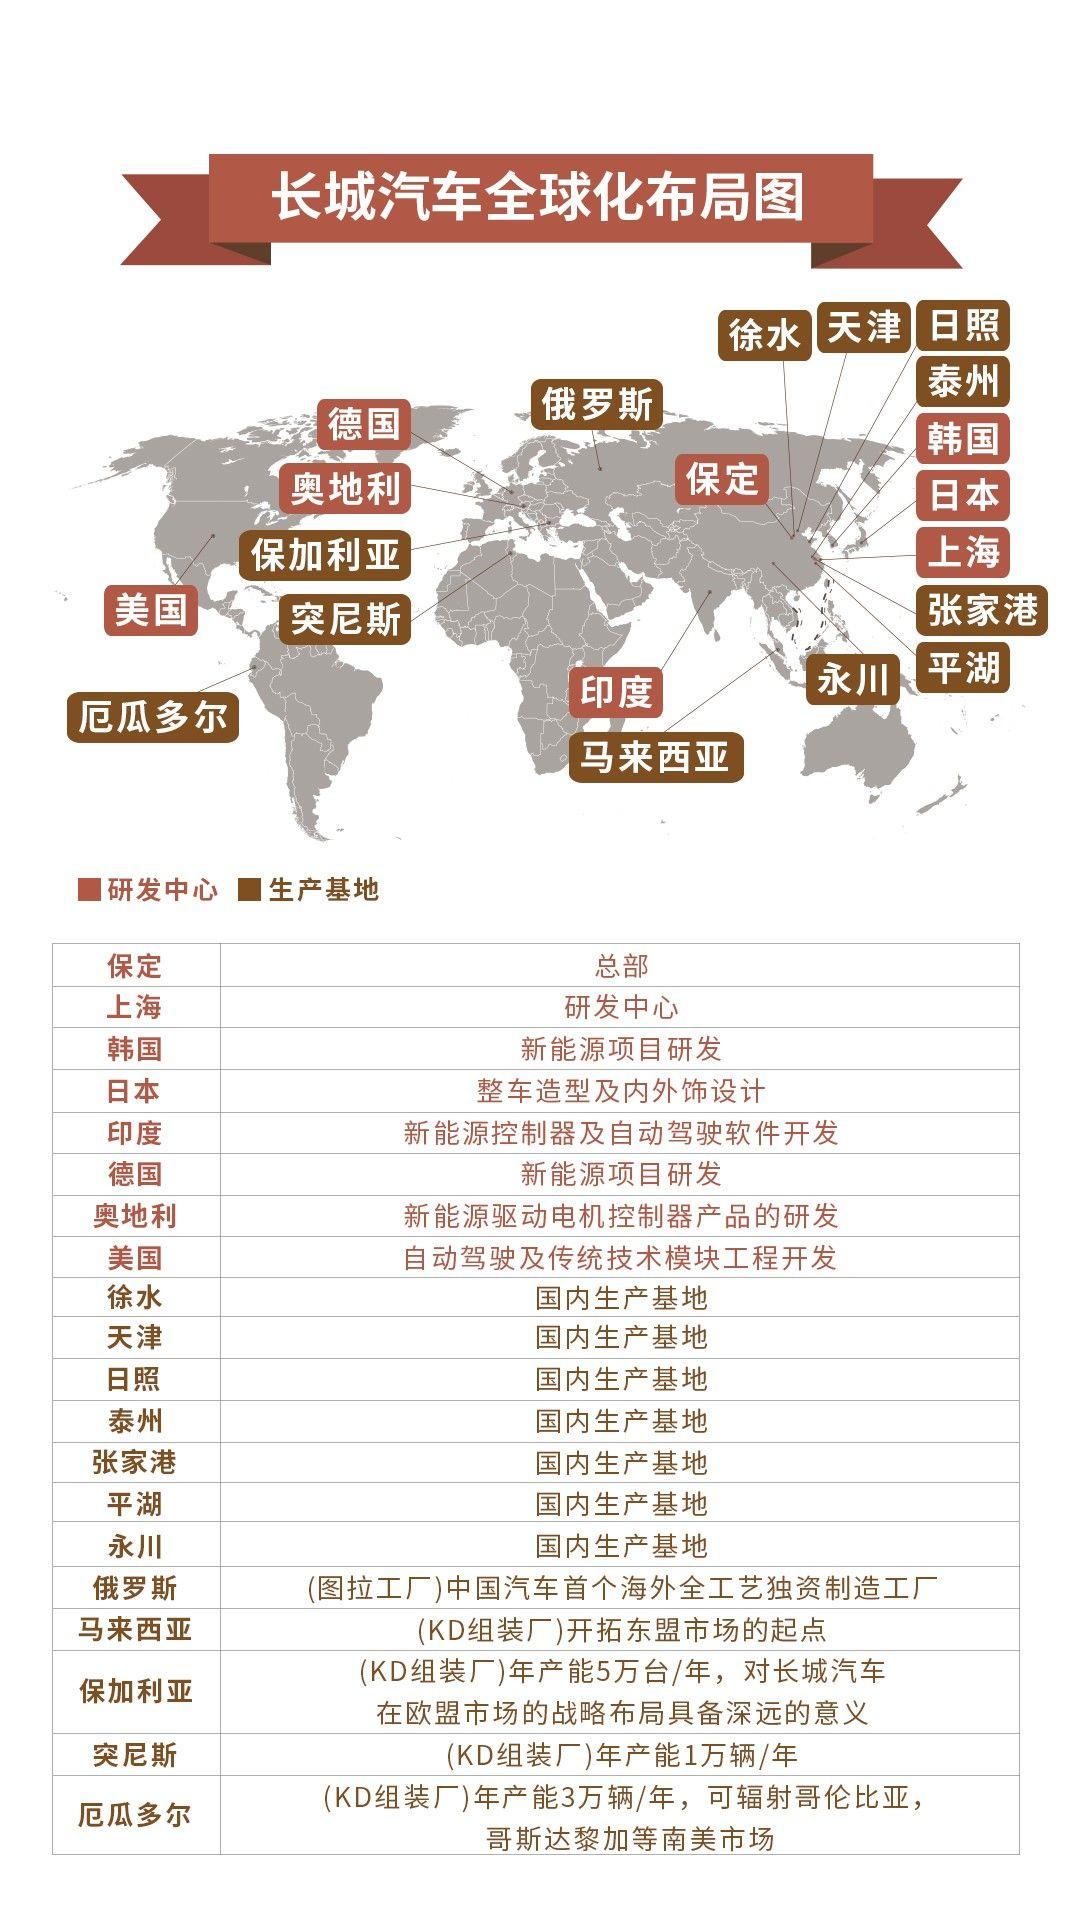 长城汽车发展史 中国汽车工业的崛起之路